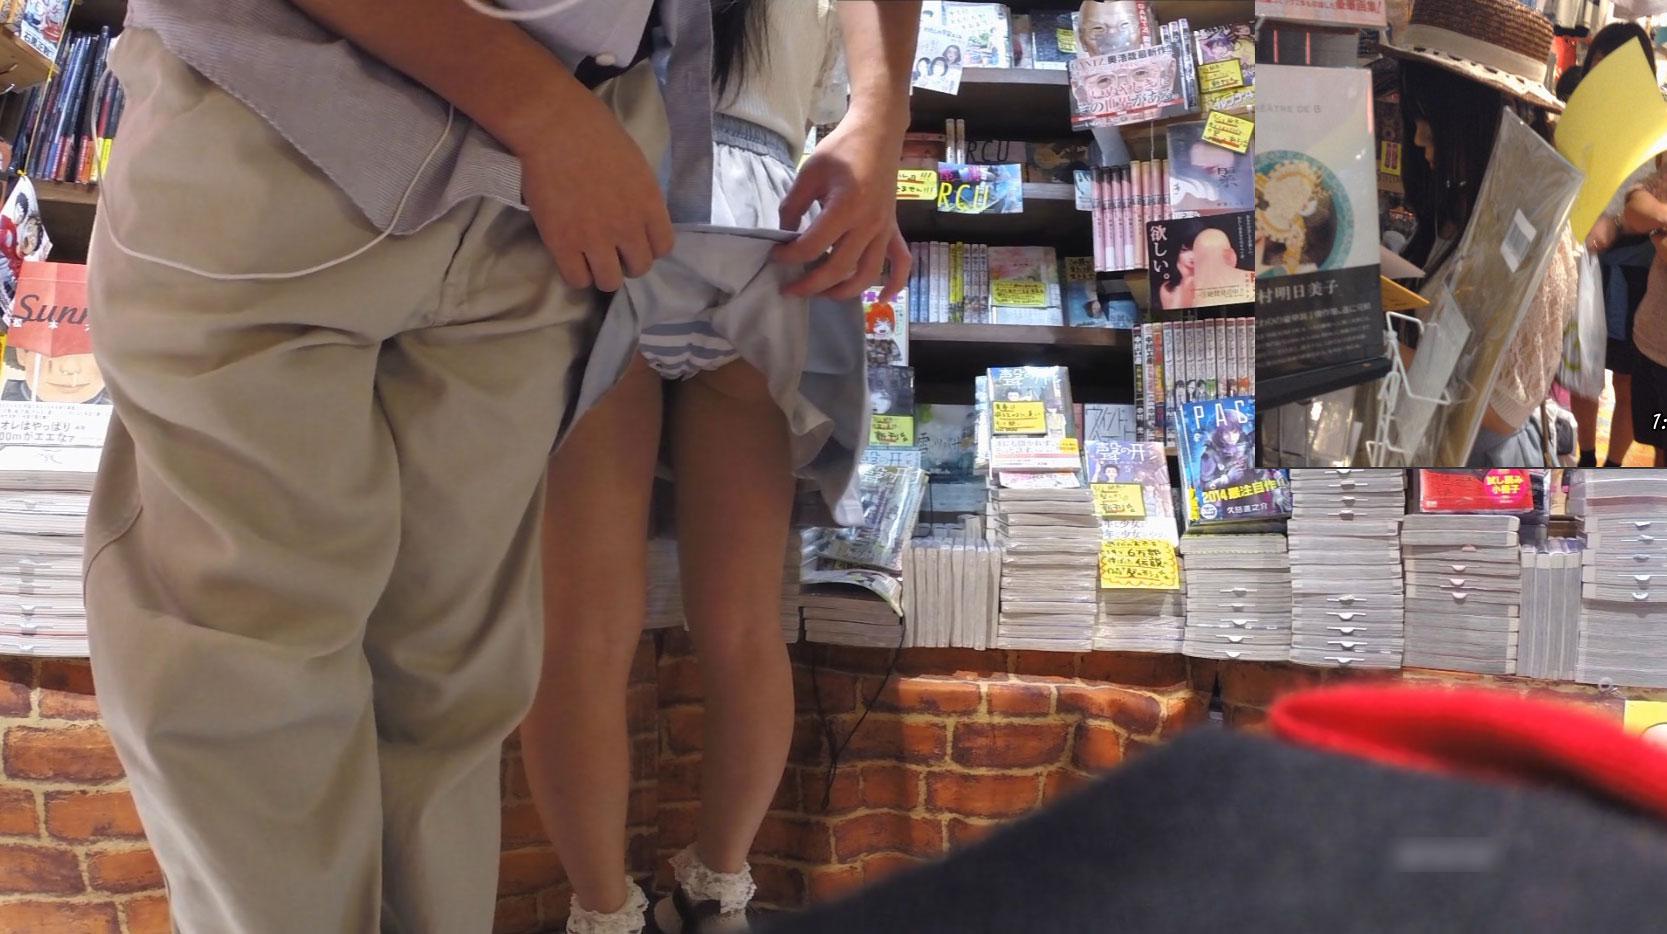 本屋で立ち読みしてる美少女のスカートを捲る!